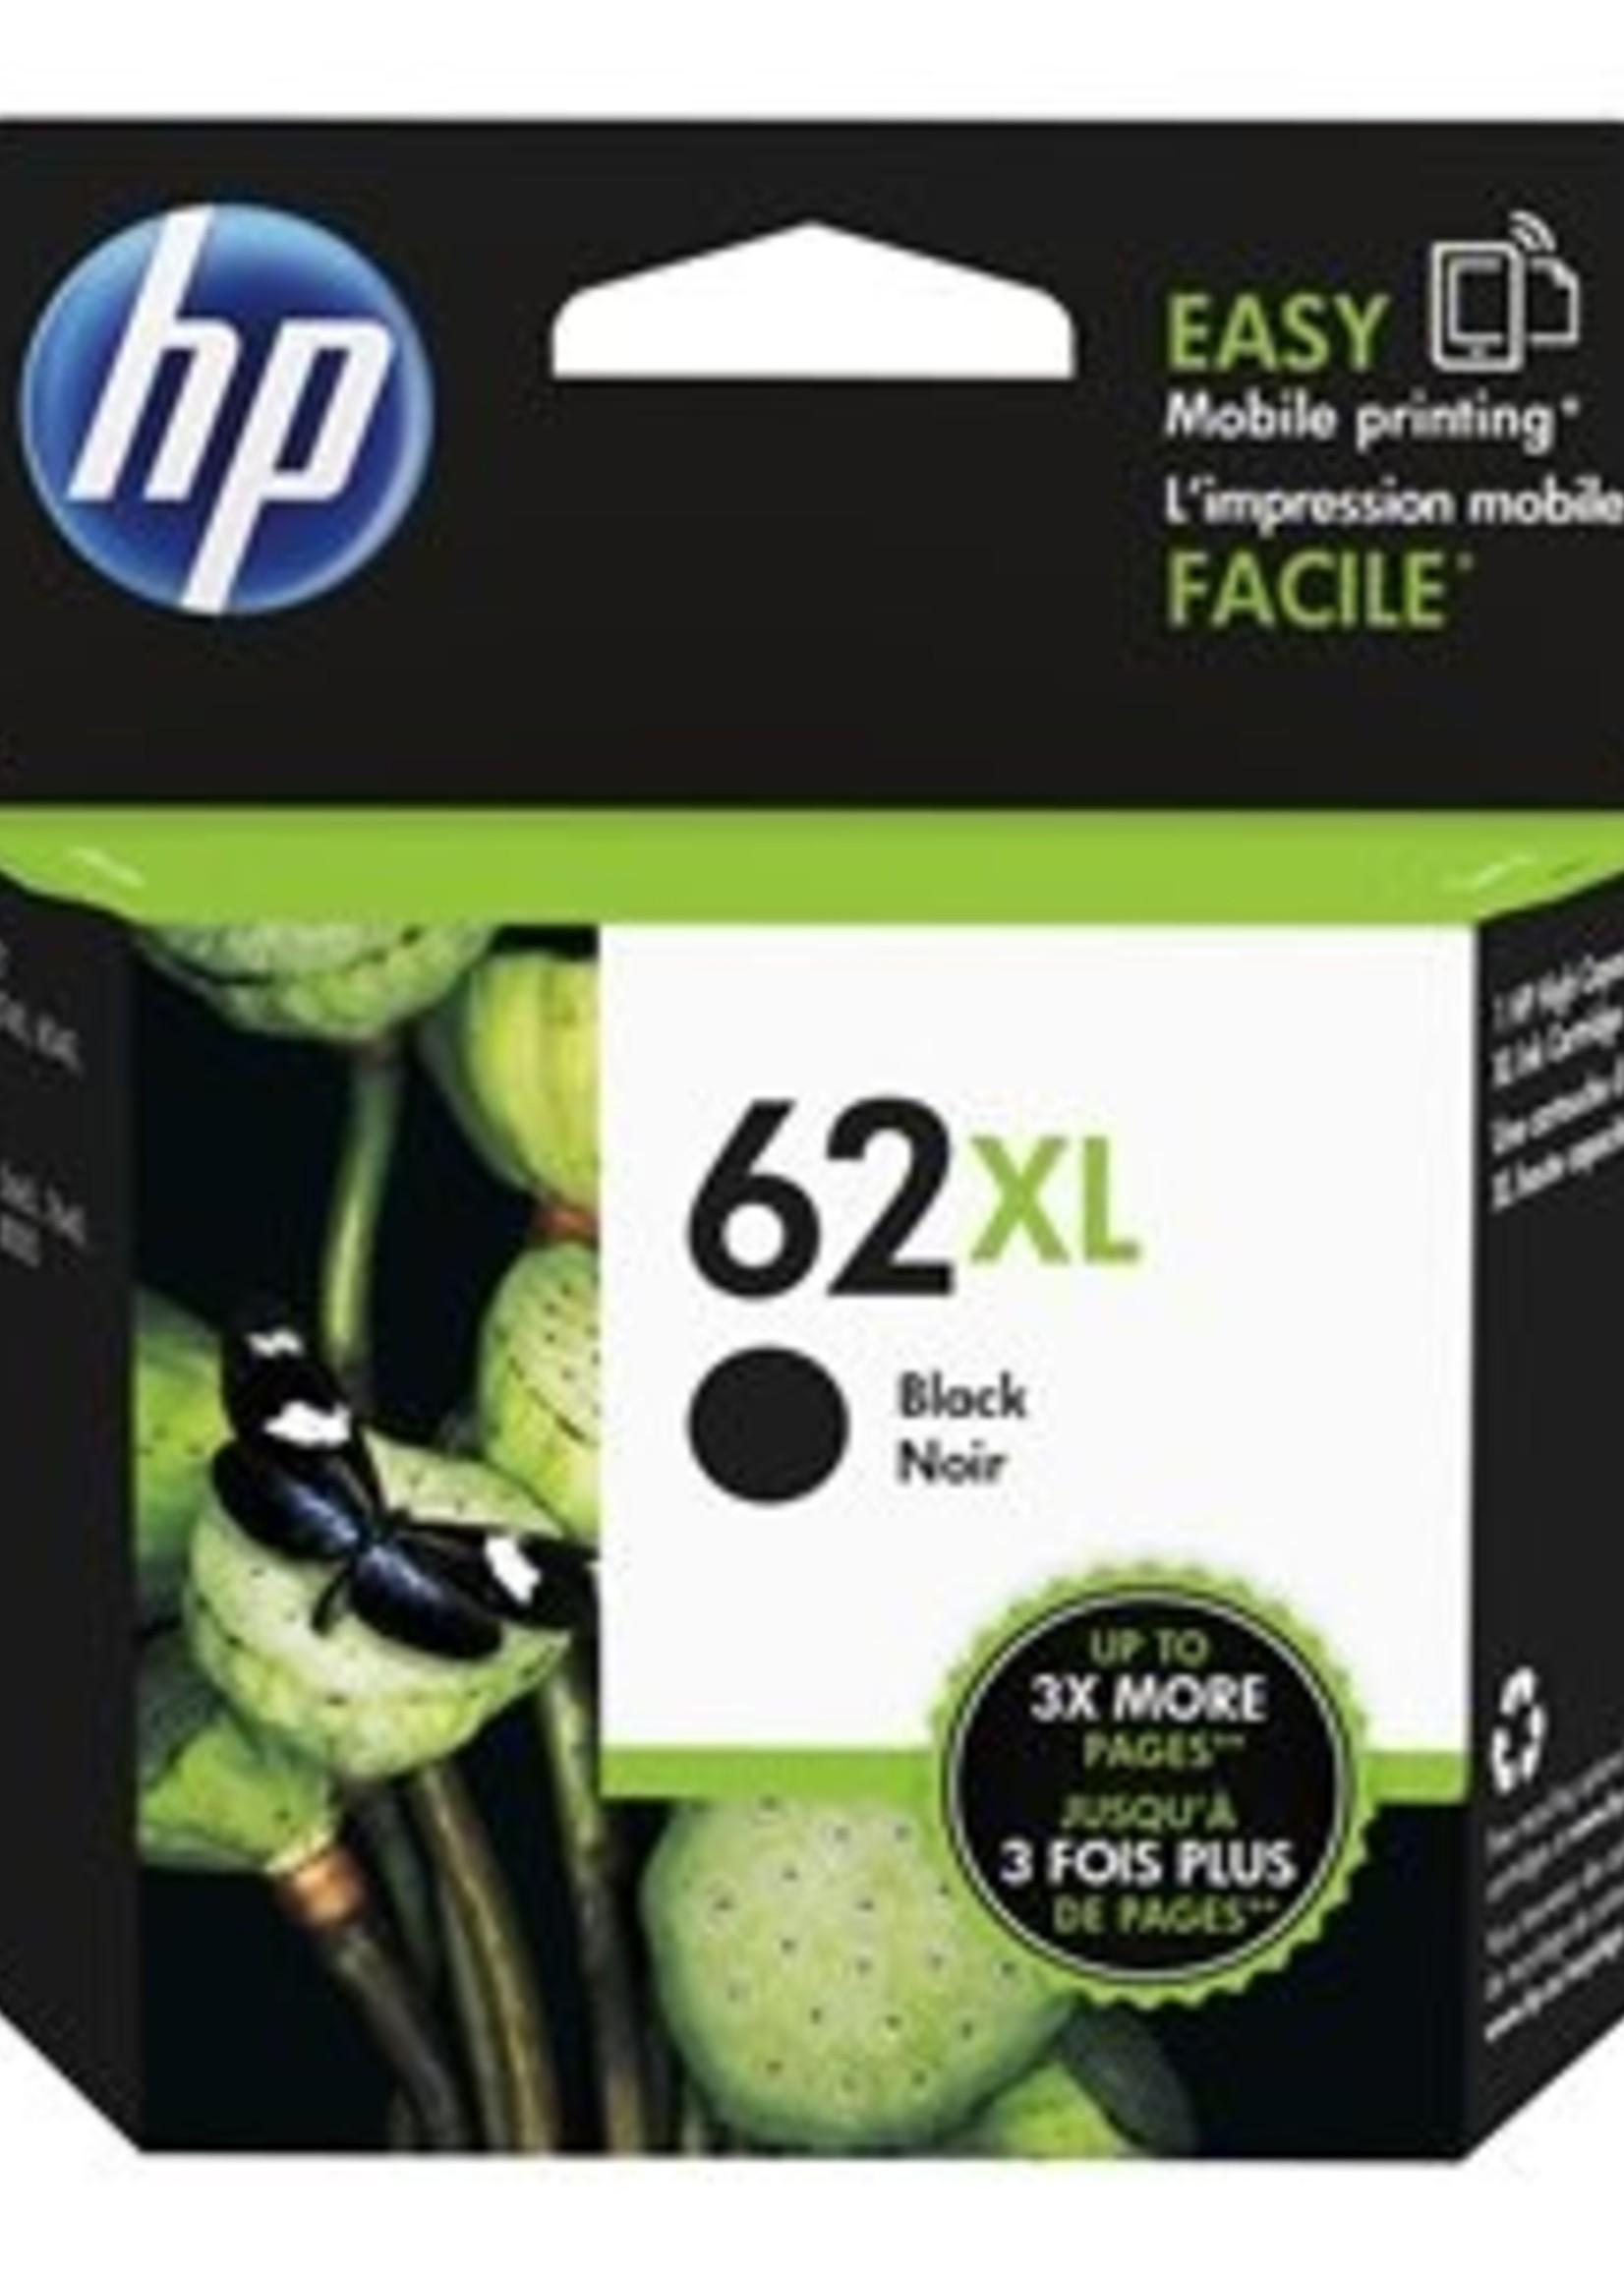 HP HP 62XL Black